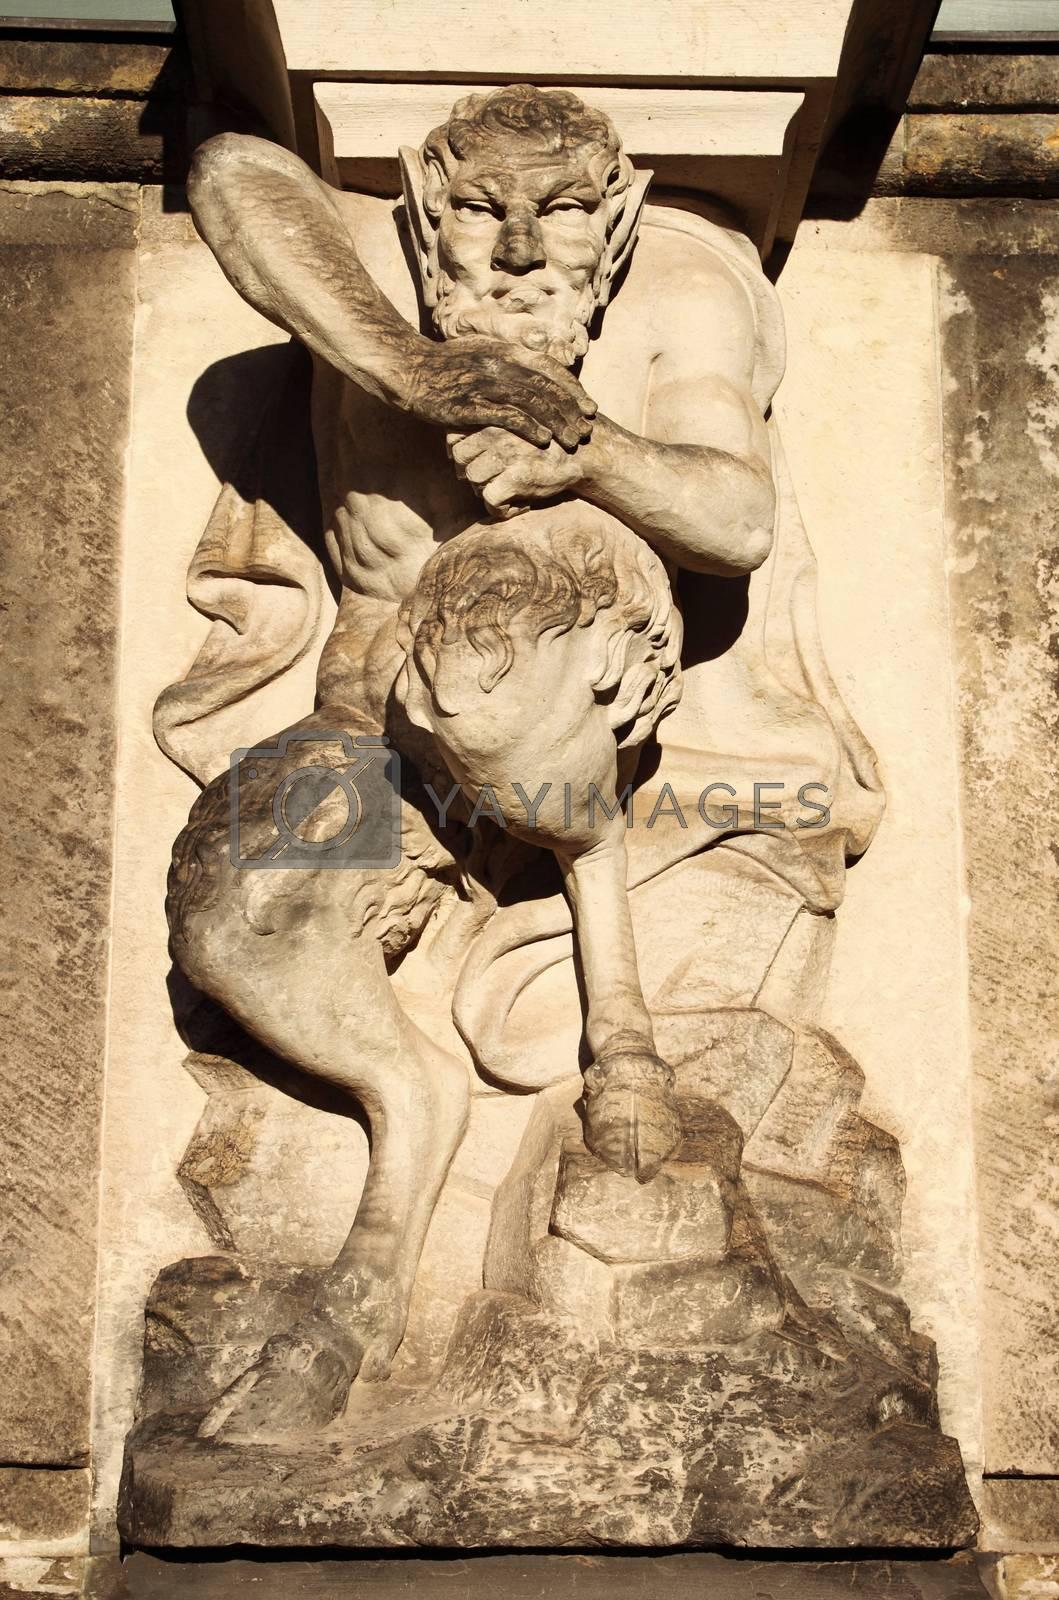 Centaur statue by alessandro0770